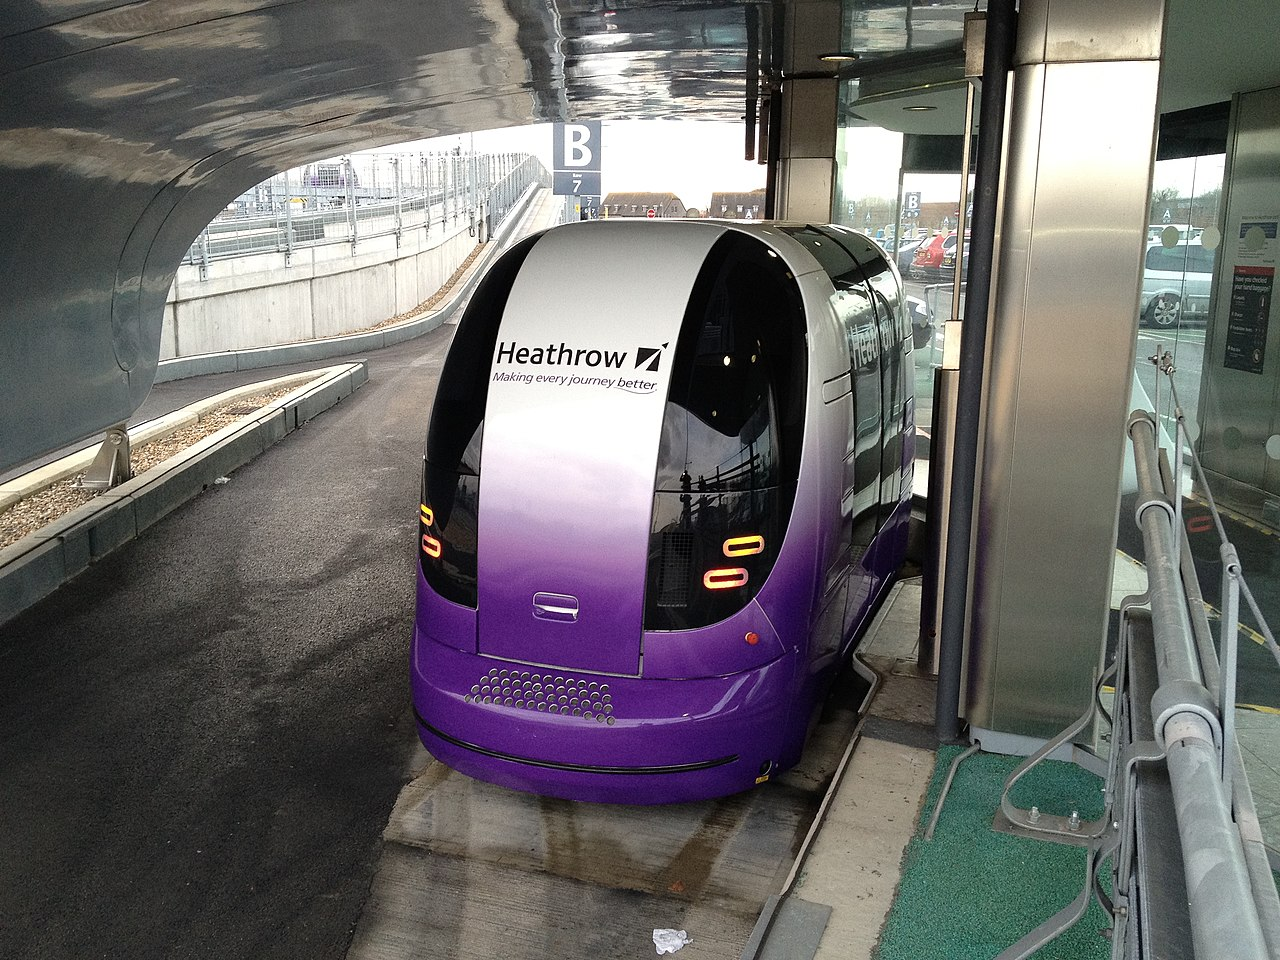 Heathrow Airport S Autonomous Cars